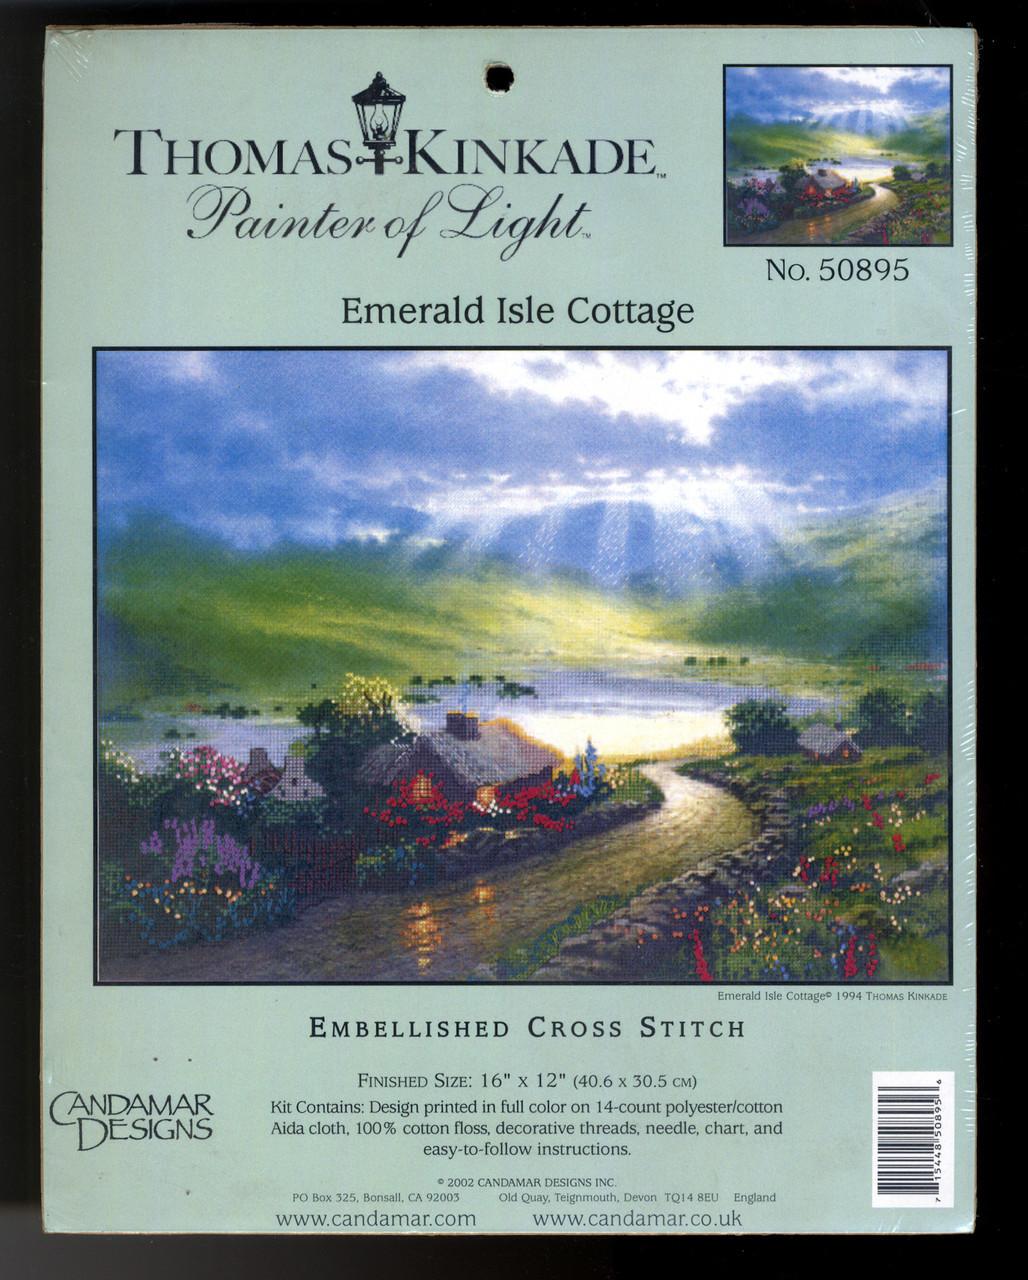 Candamar / T. Kinkade - Emerald Isle Cottage (EMBELLISHED)